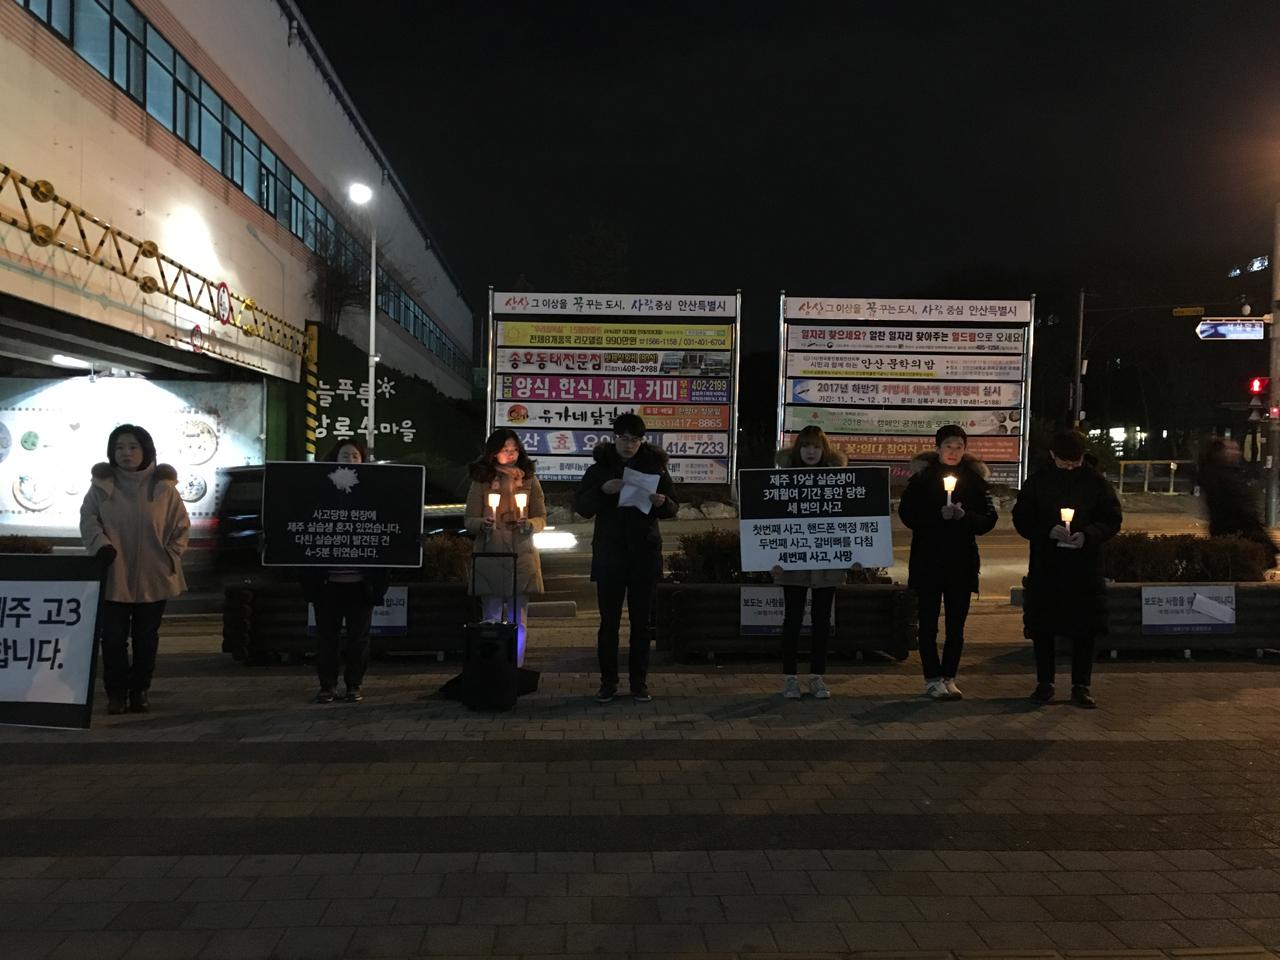 이민호 학생 추모 안산촛불1 고 이민호 학생을 추모하고, 특성화고 현장실습 문제를 제기하는 촛불행사가 12월 1일 안산 상록수역 광장에서 열렸다.